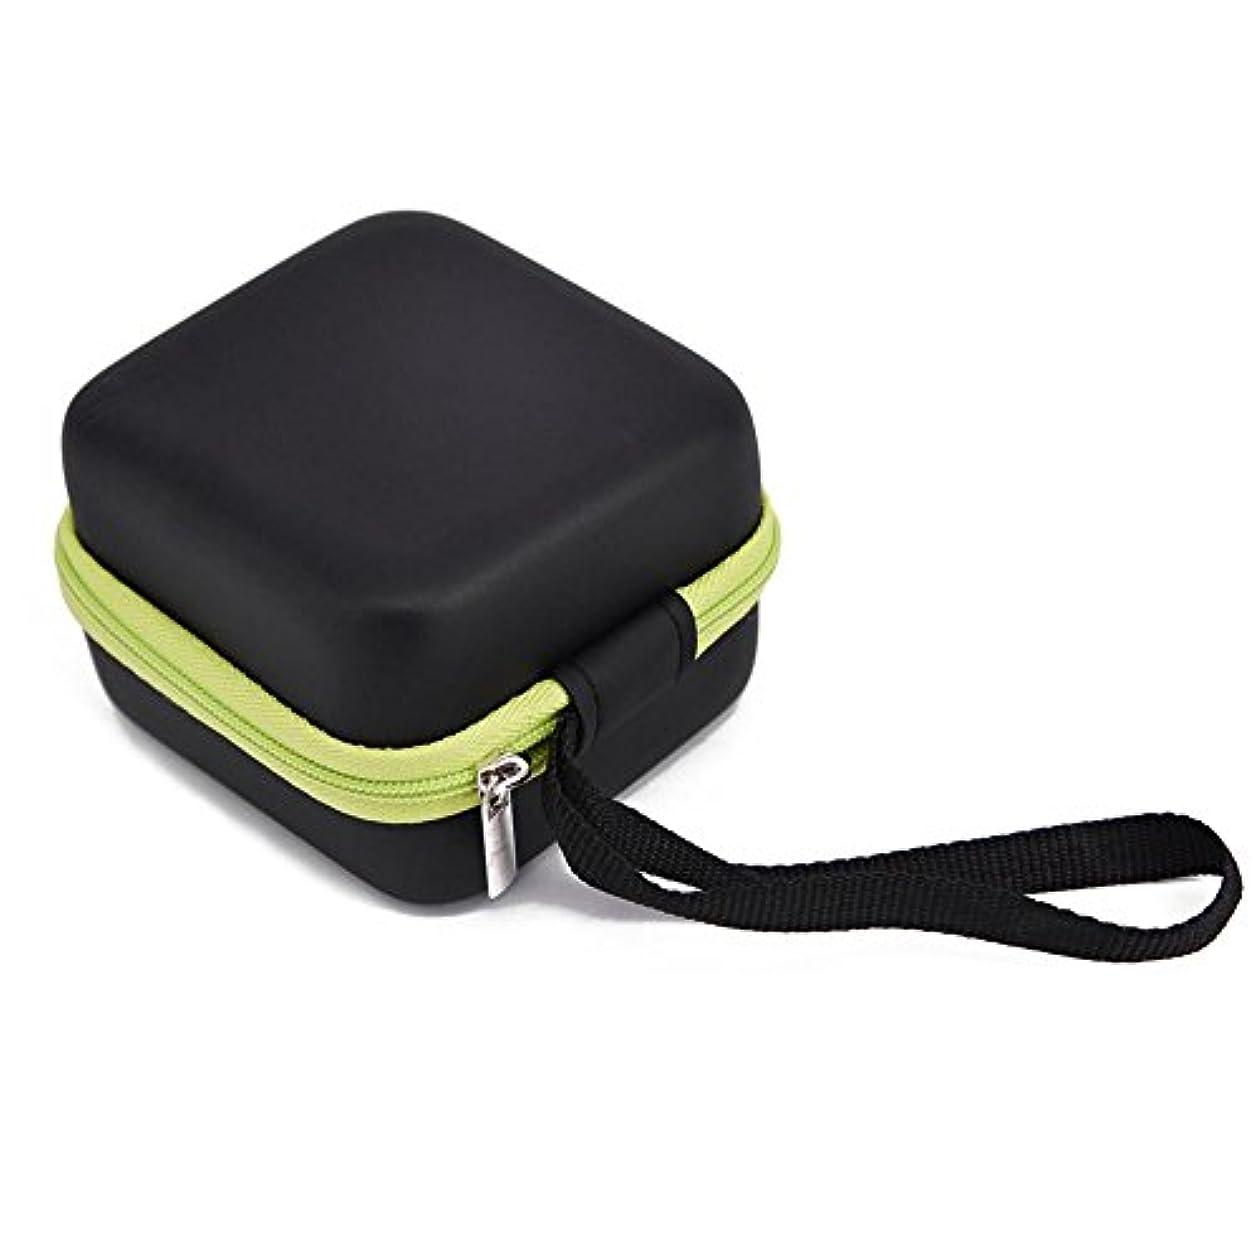 レシピポップパリティFarlong 7グリッド 5ML 精油貯蔵袋 エスニックスタイル オイル収納ボックス 人気の 精油 ケース 5色